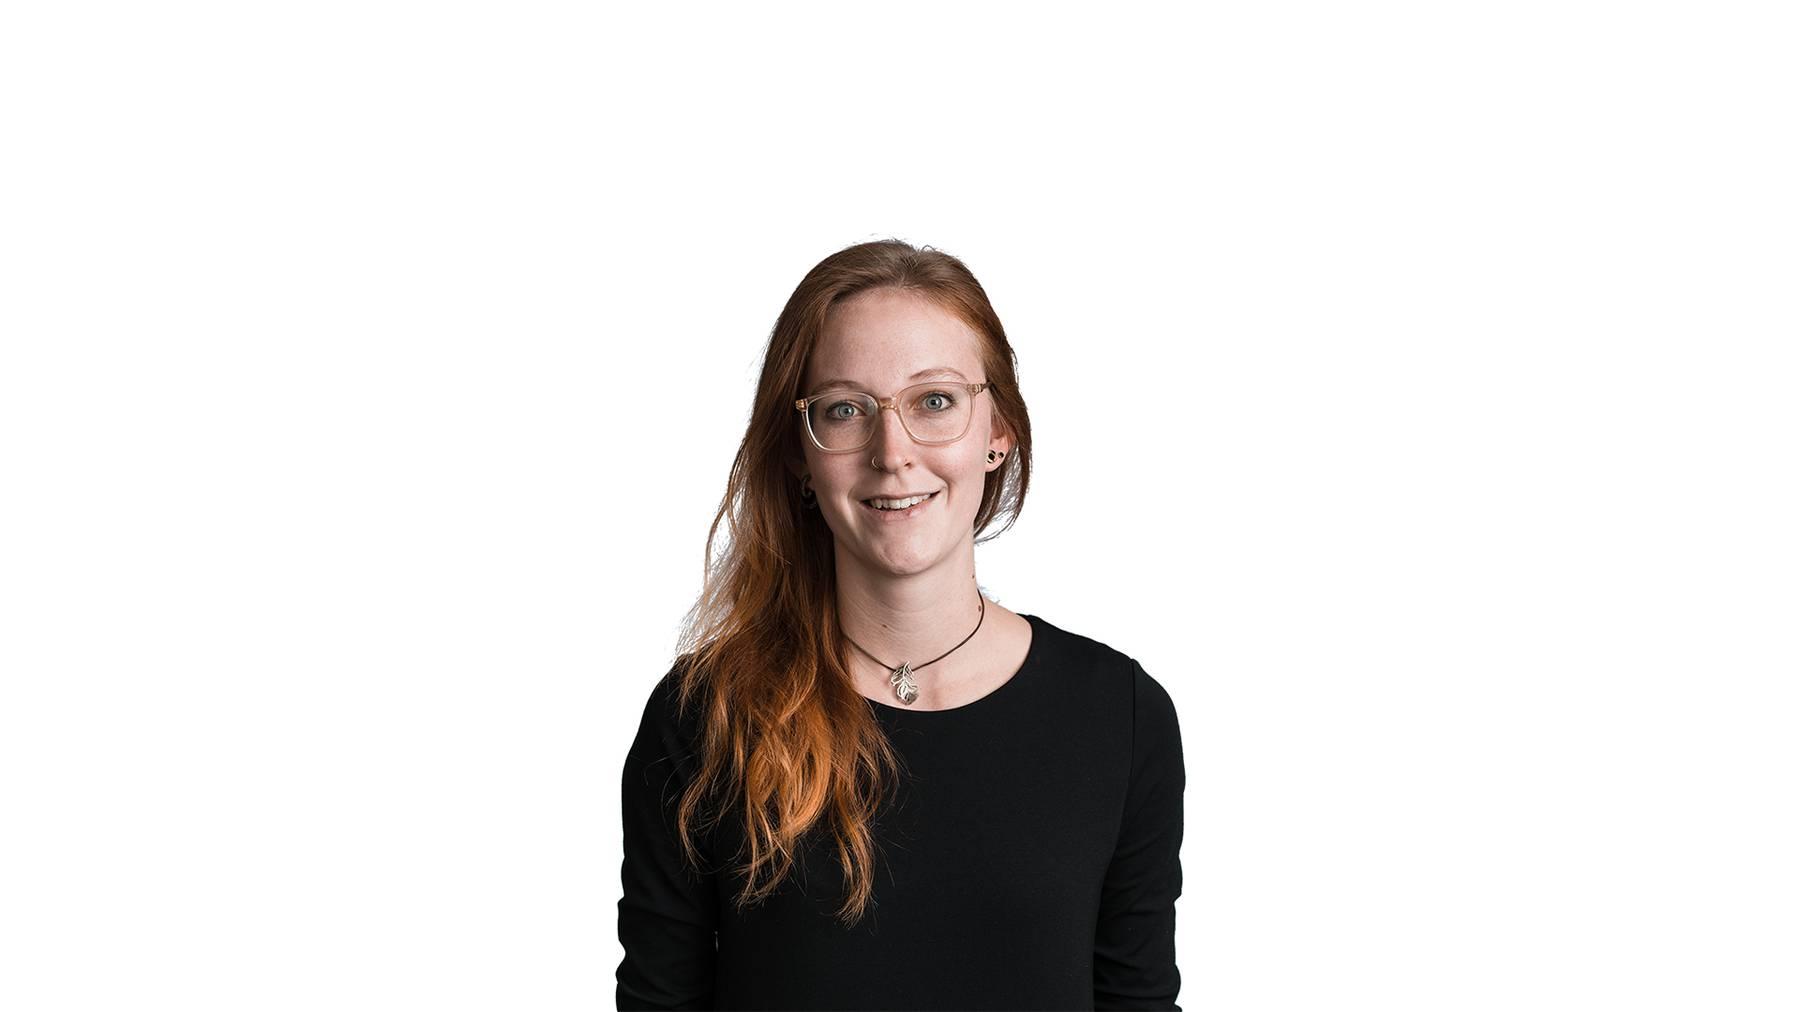 Redaktorin Nina Köpfer